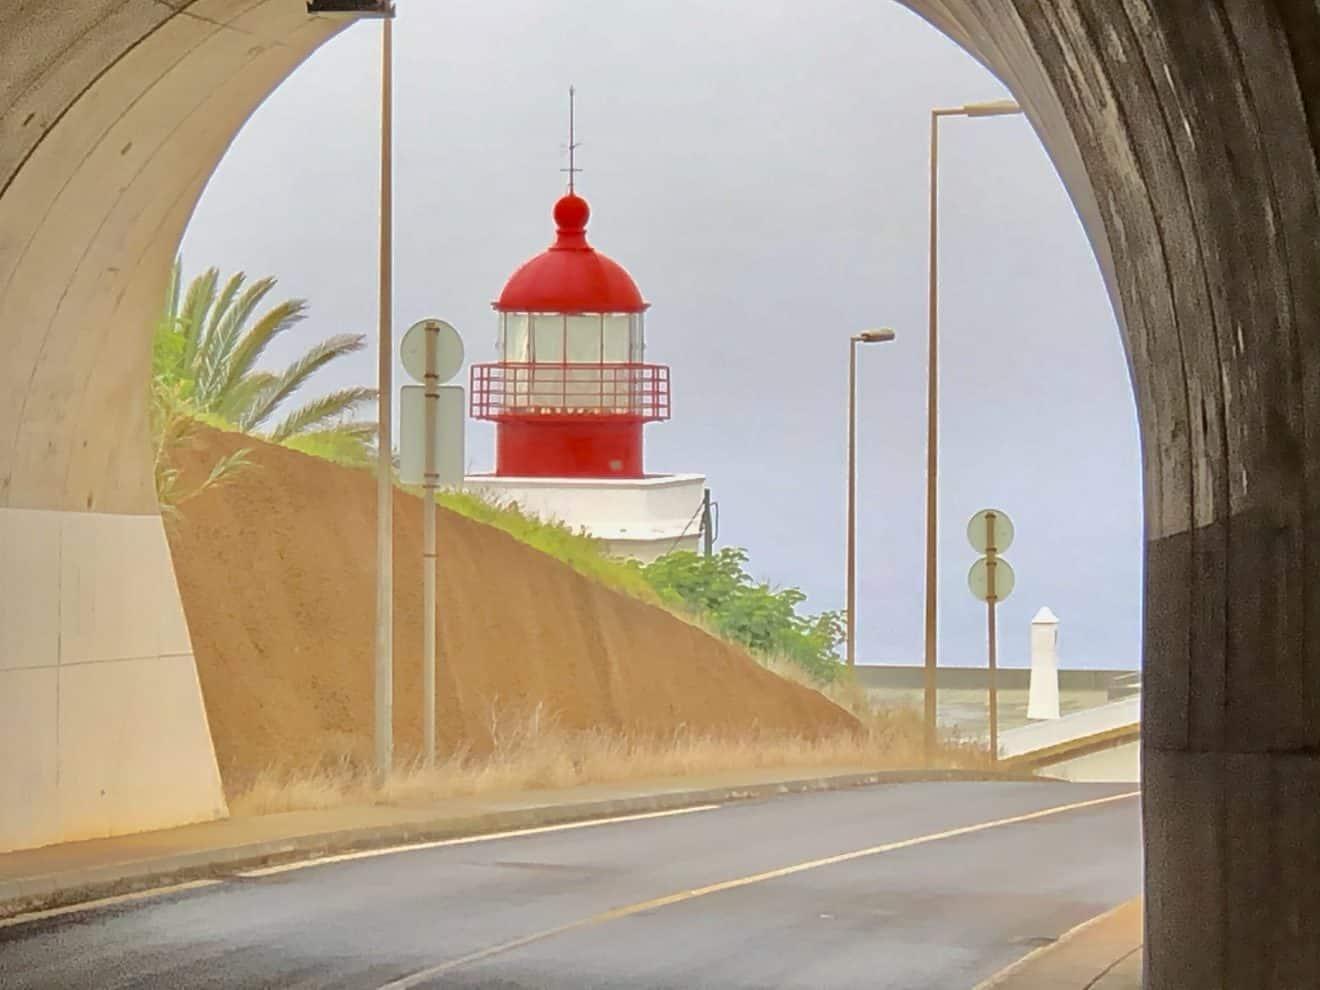 Wüste bestehen und Licht am Ende des Tunnels